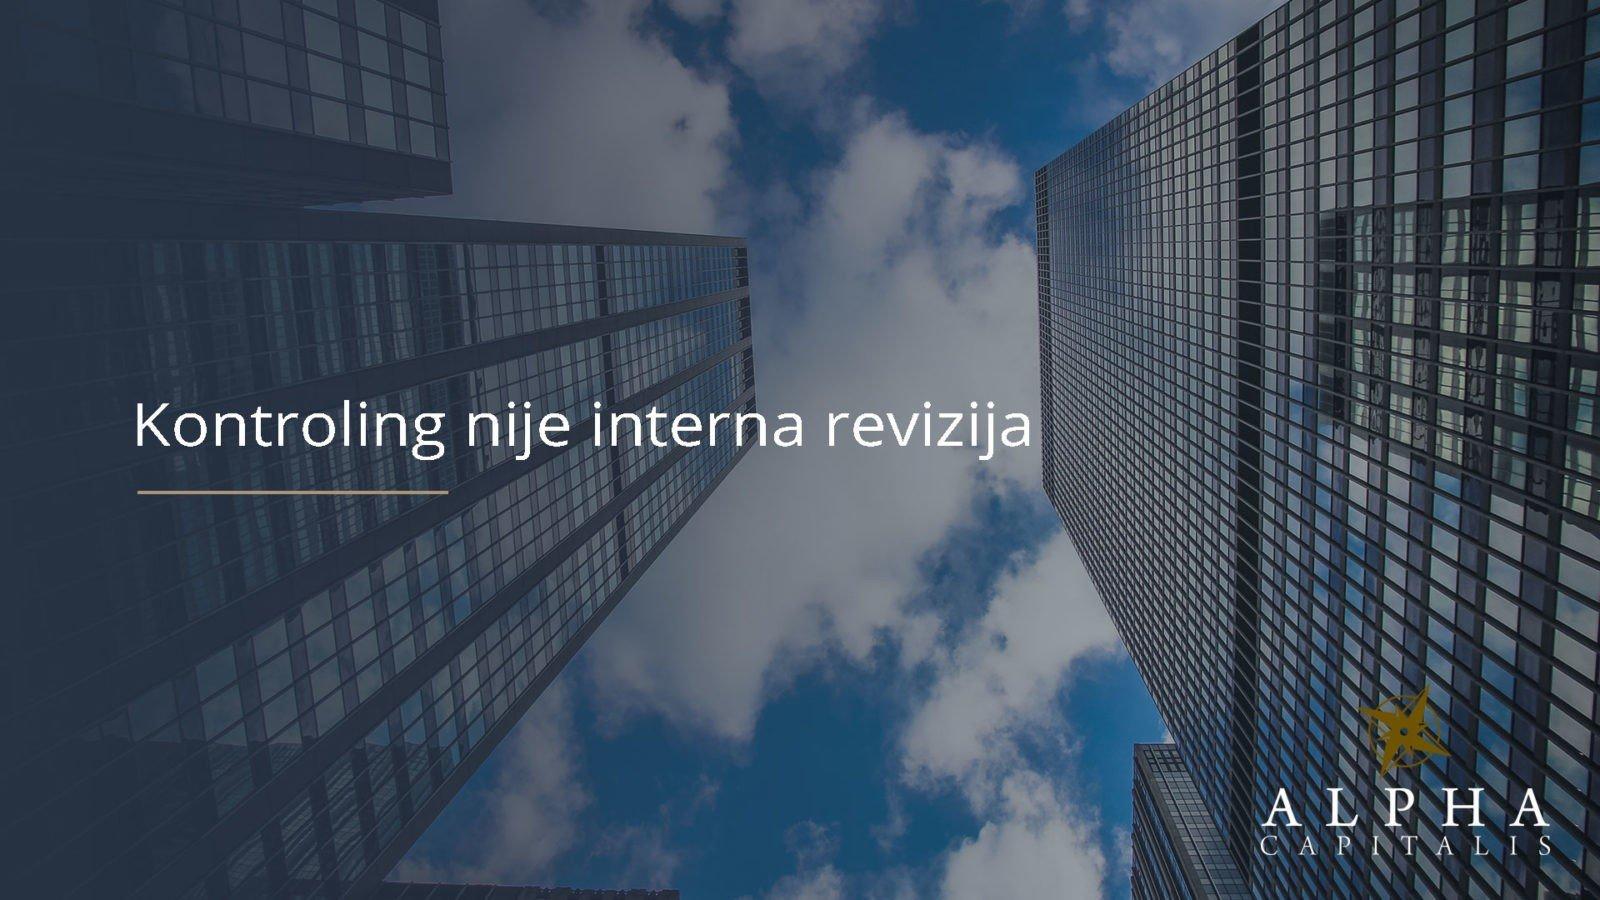 Kontroling nije interna revizija - Kontroling nije interna revizija